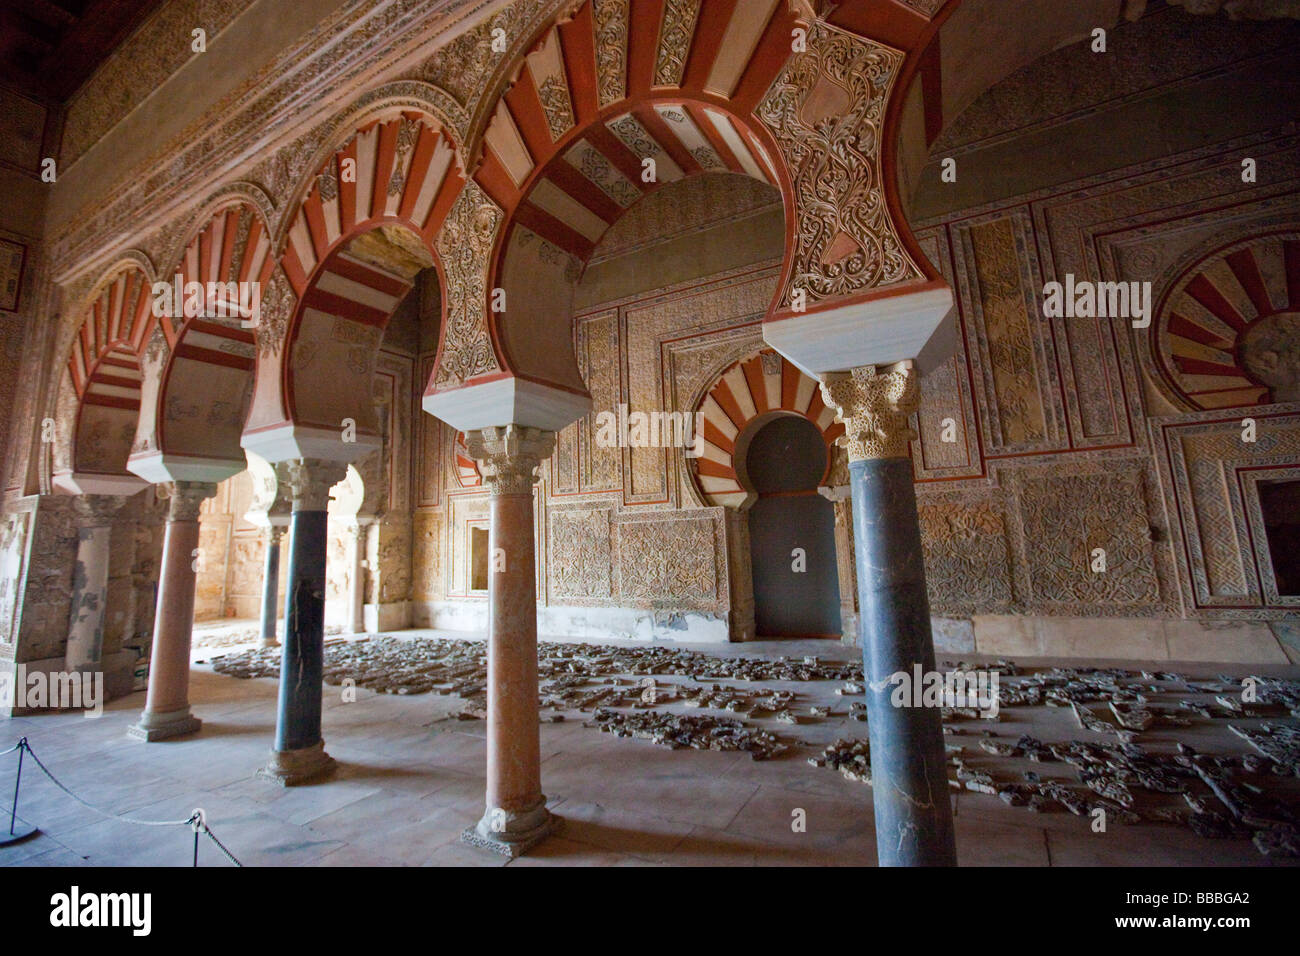 Halle Des Abd Al Rahman III Bei Der Maurischen Ruinen Von Medina Azahara In Nhe